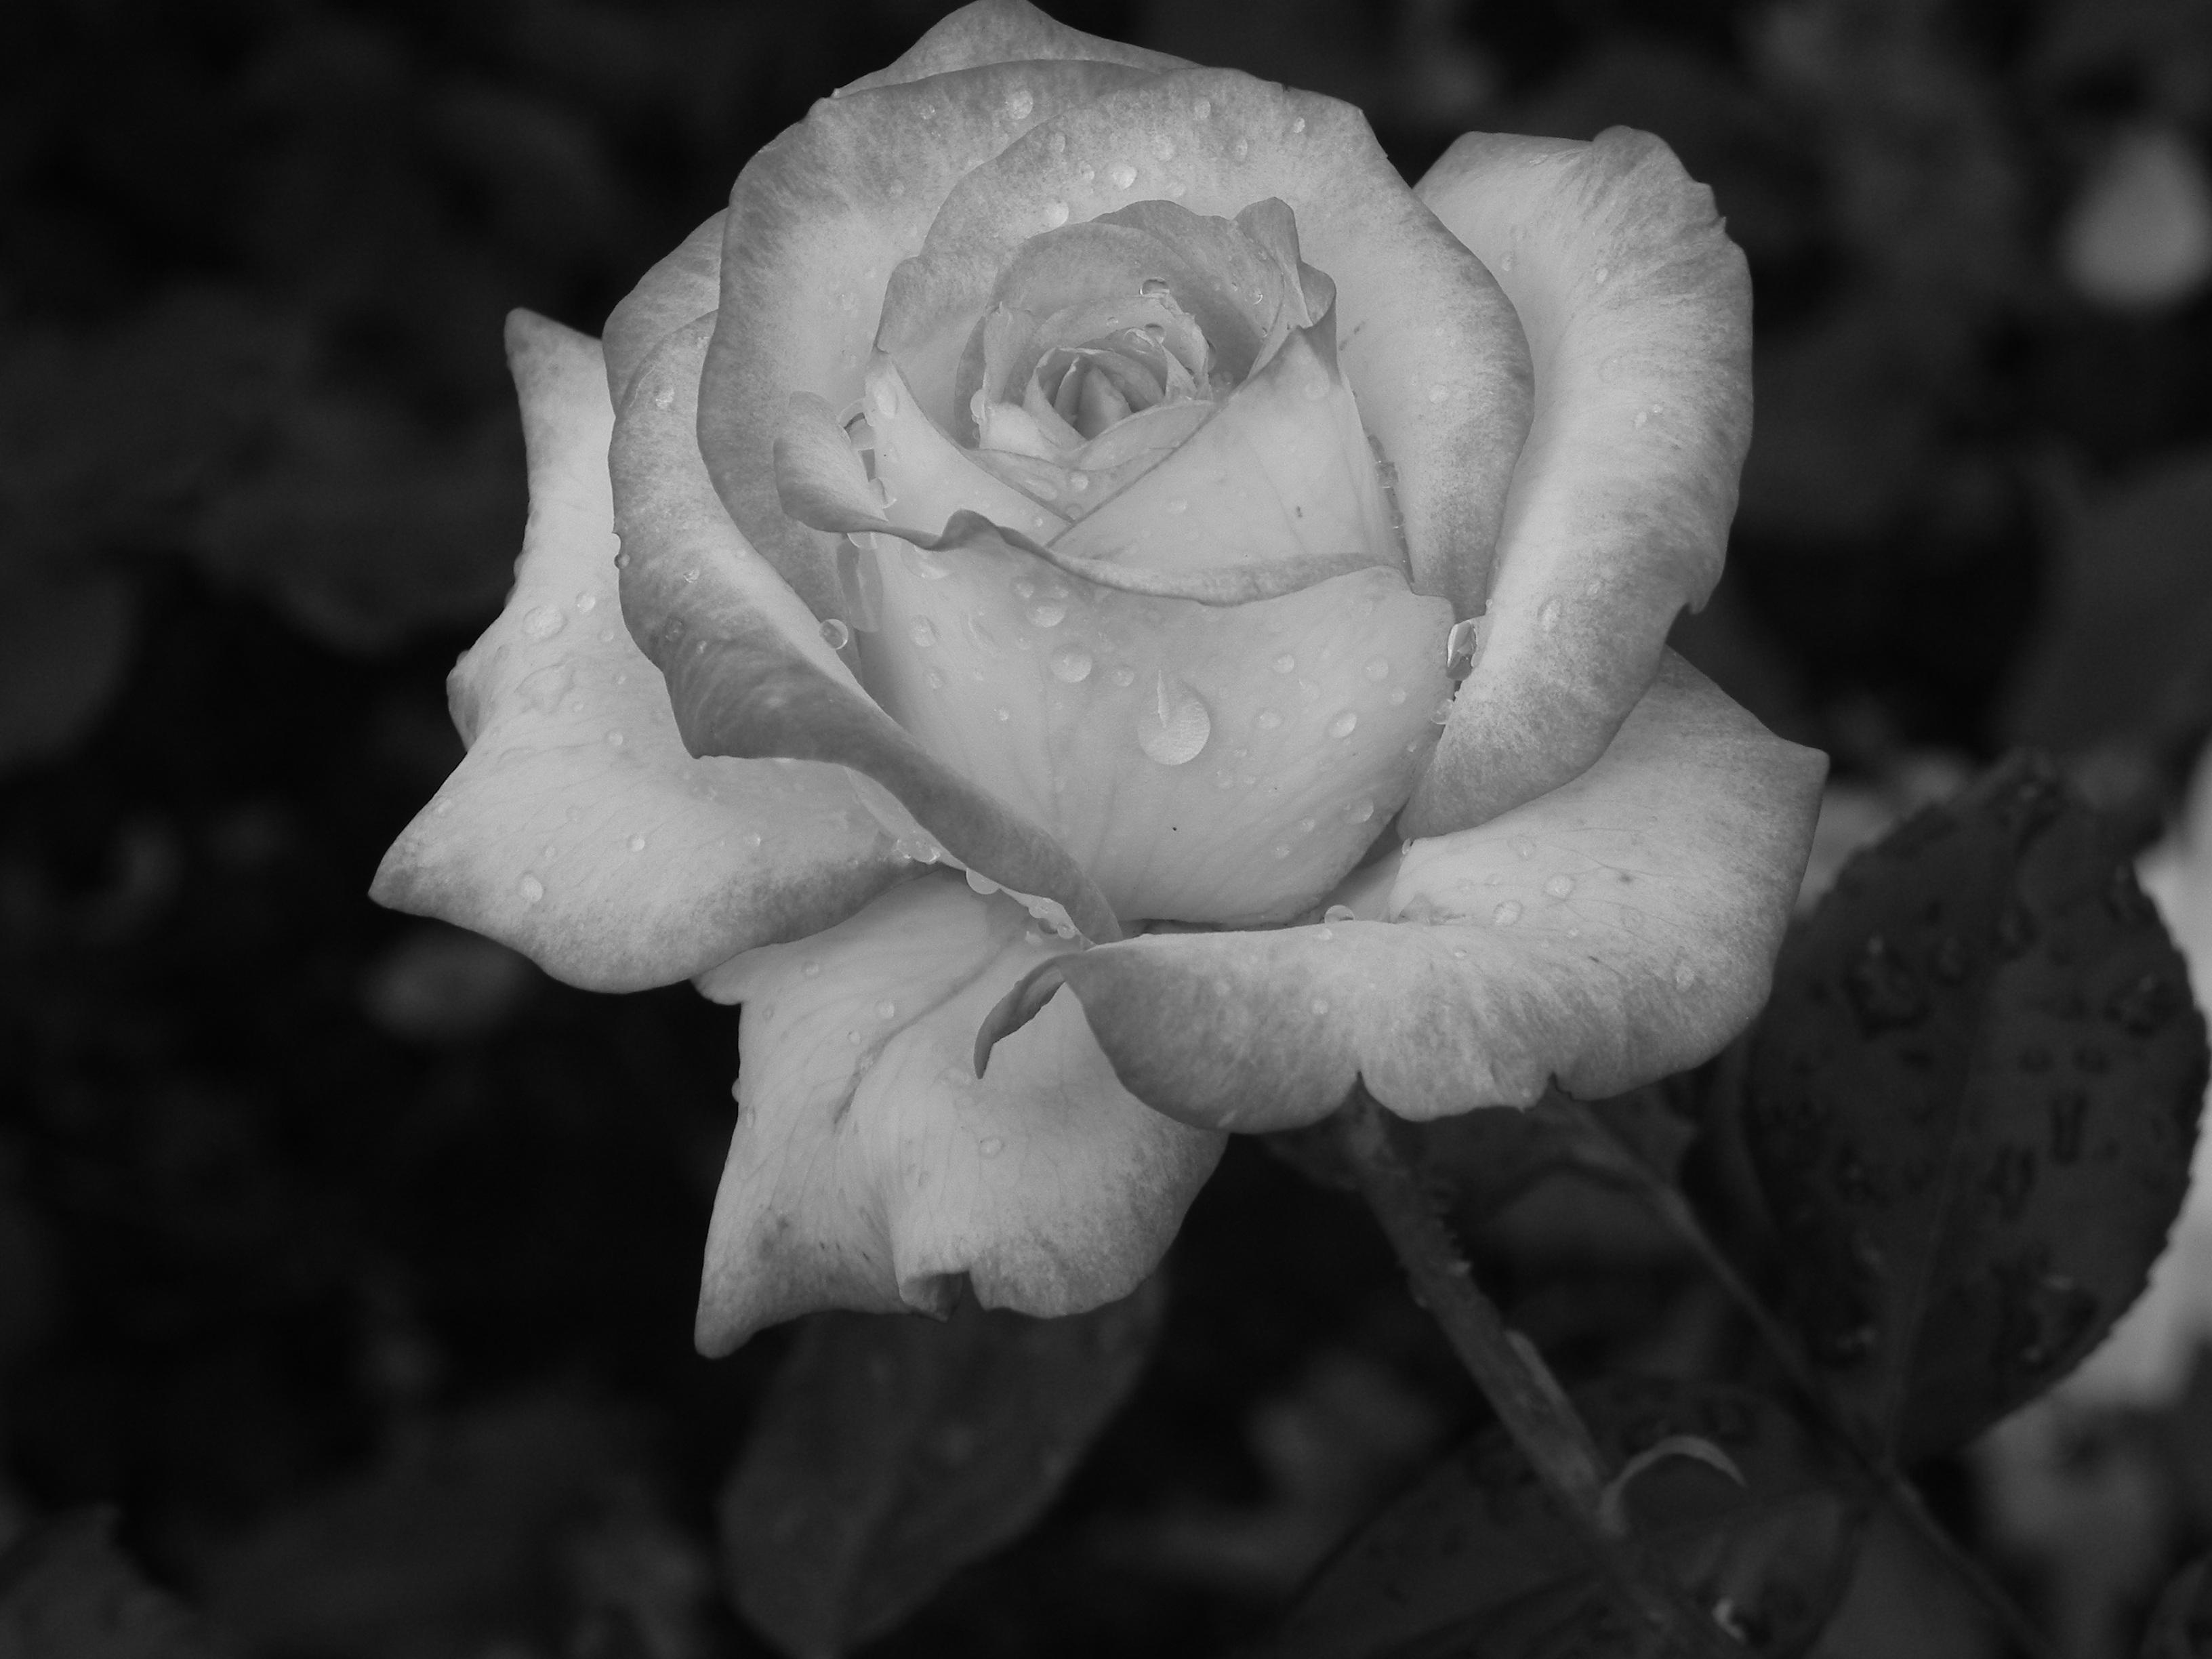 Fotos Gratis : Naturaleza, En Blanco Y Negro, Fotografía